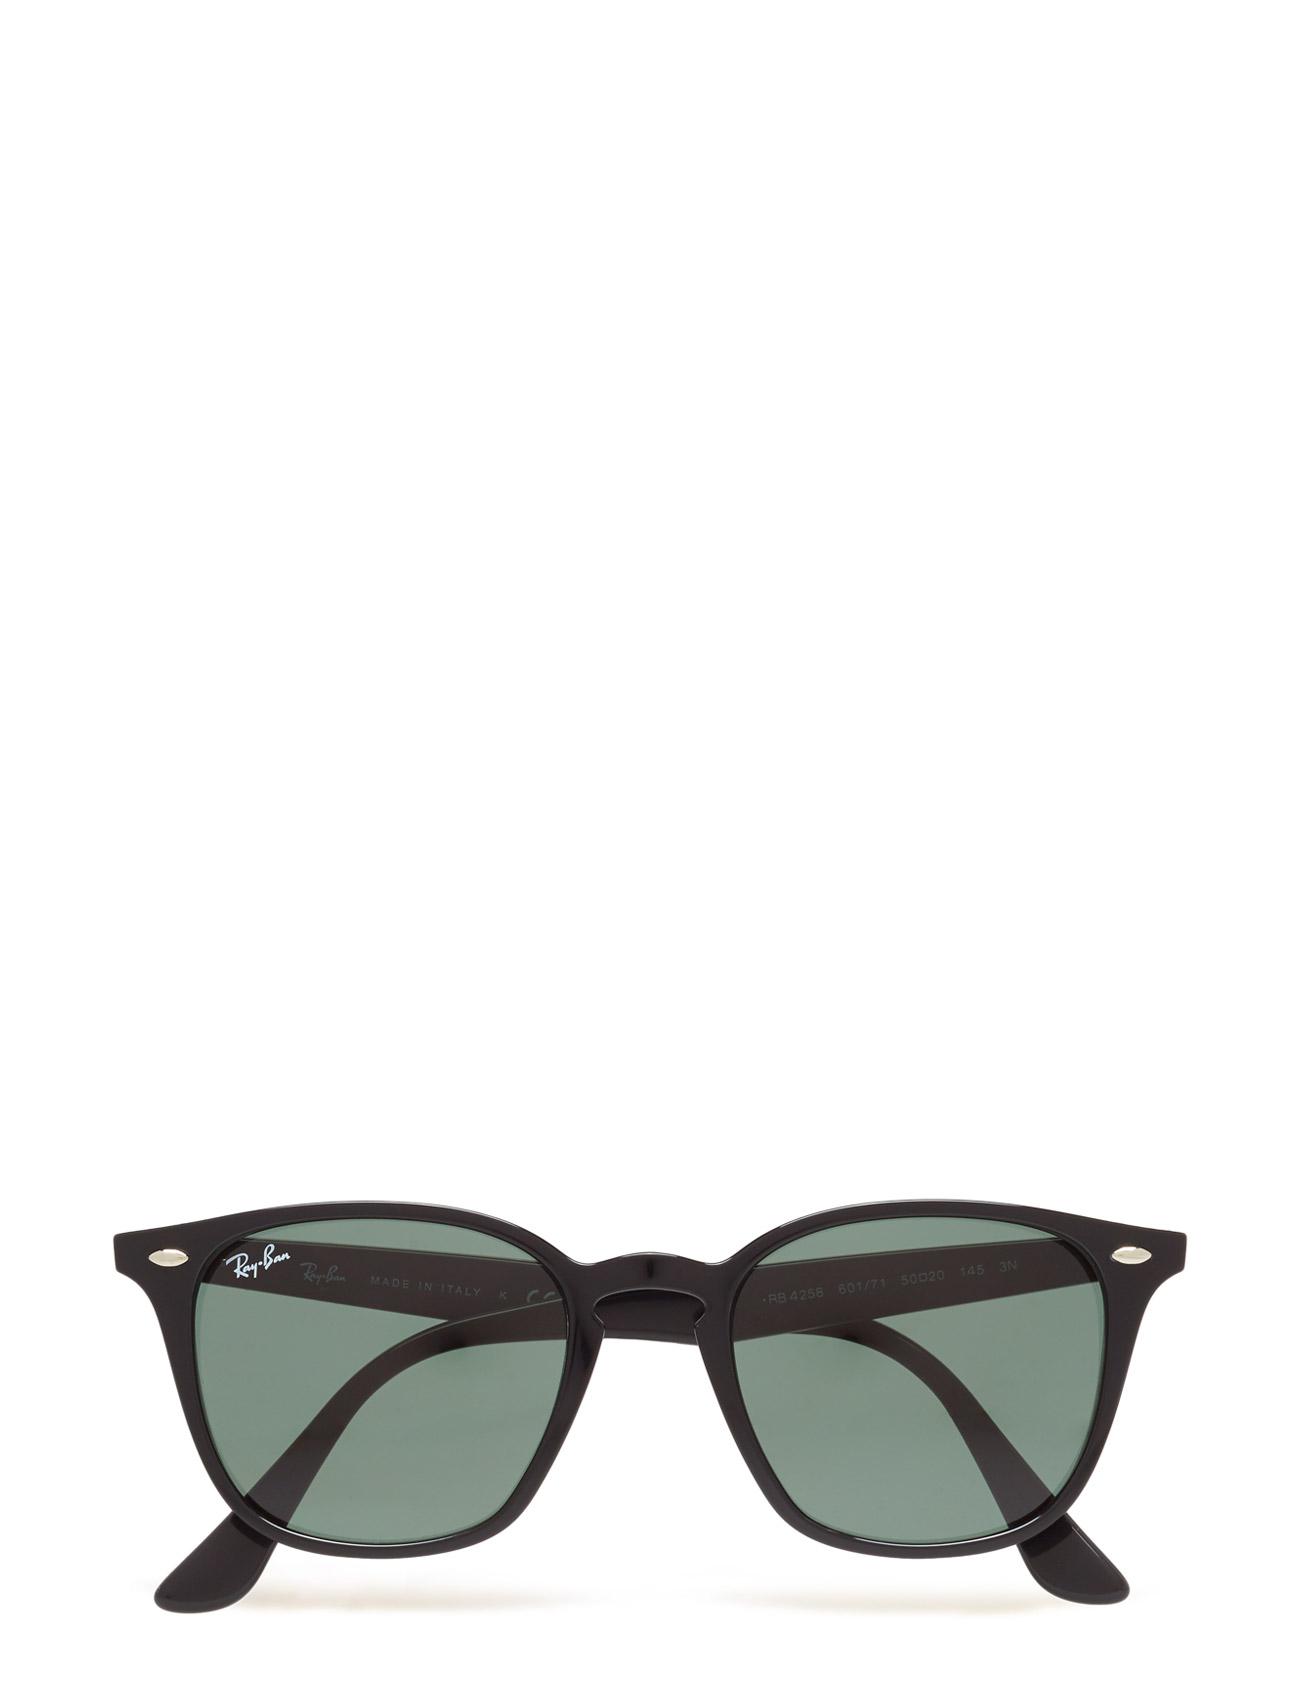 Highstreet Ray-Ban Solbriller til Mænd i